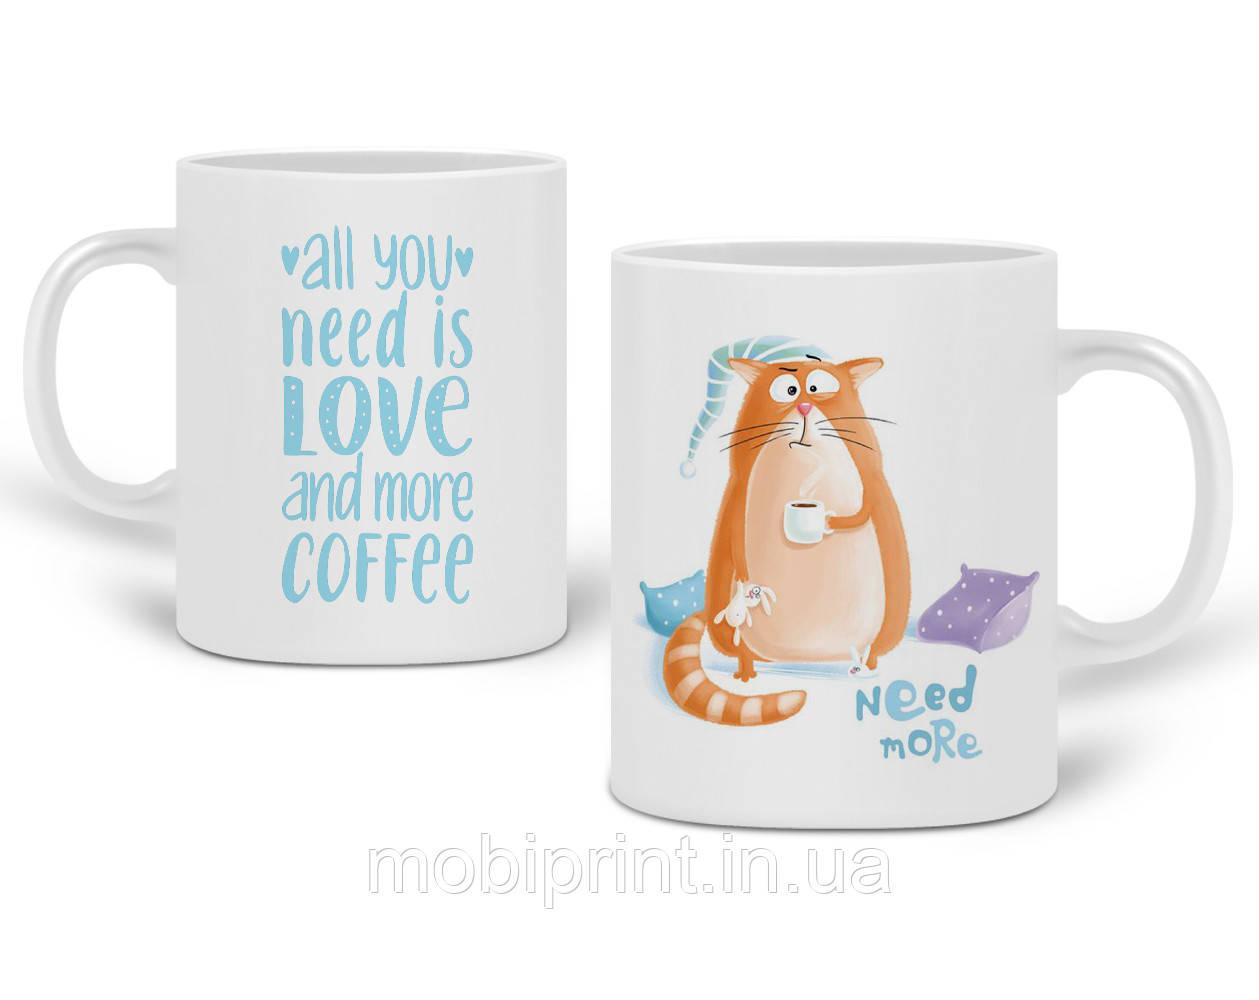 Кружка с принтом Need more coffee (111-100)